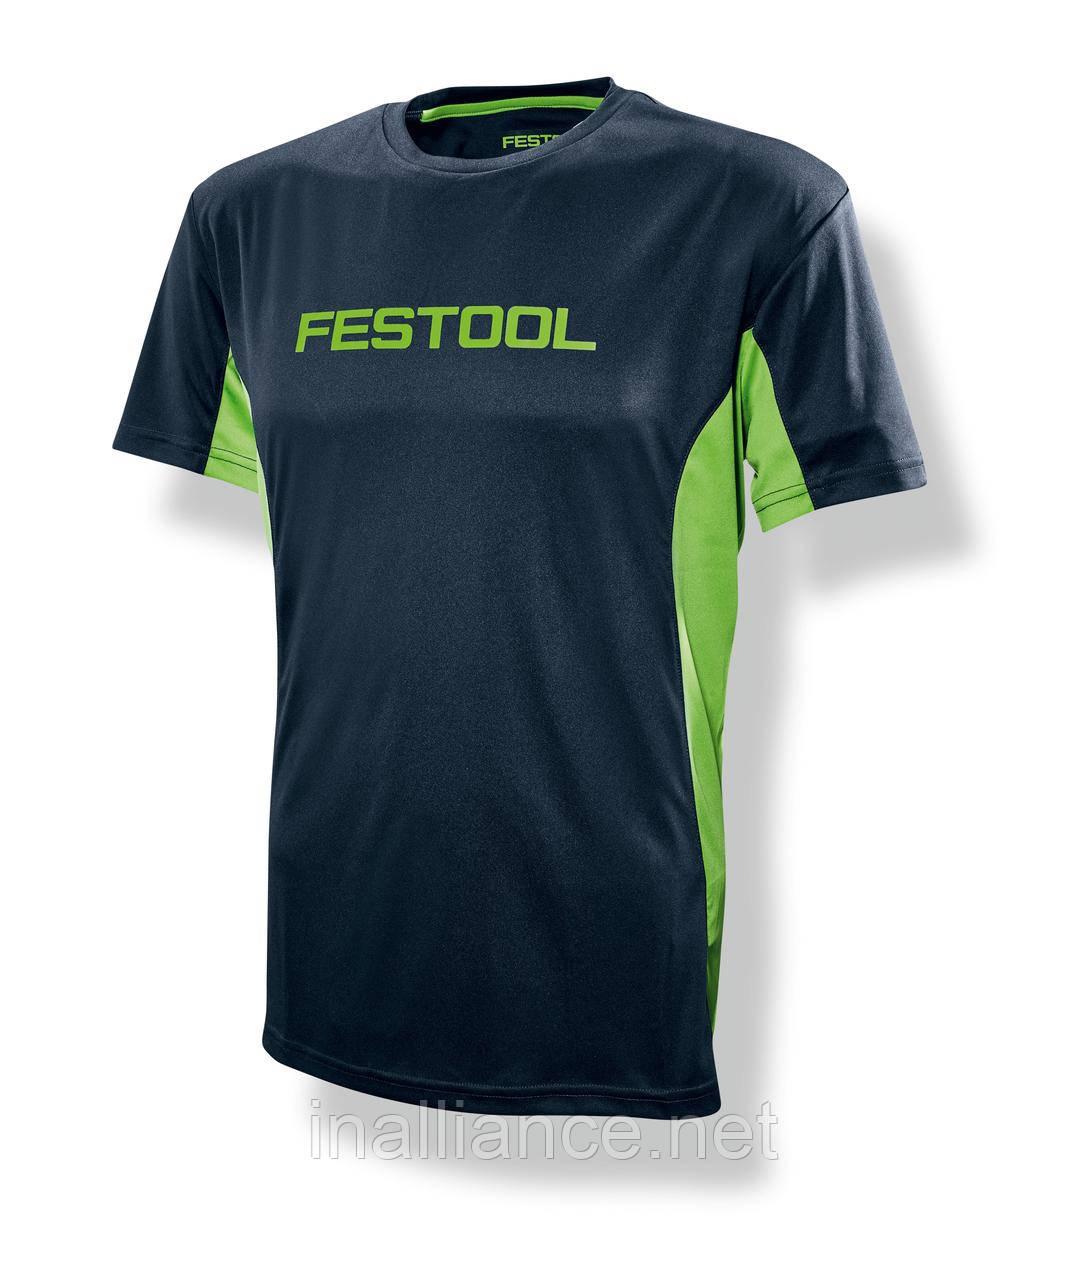 Футболка спортивна чоловіча розмір L Festool 204004